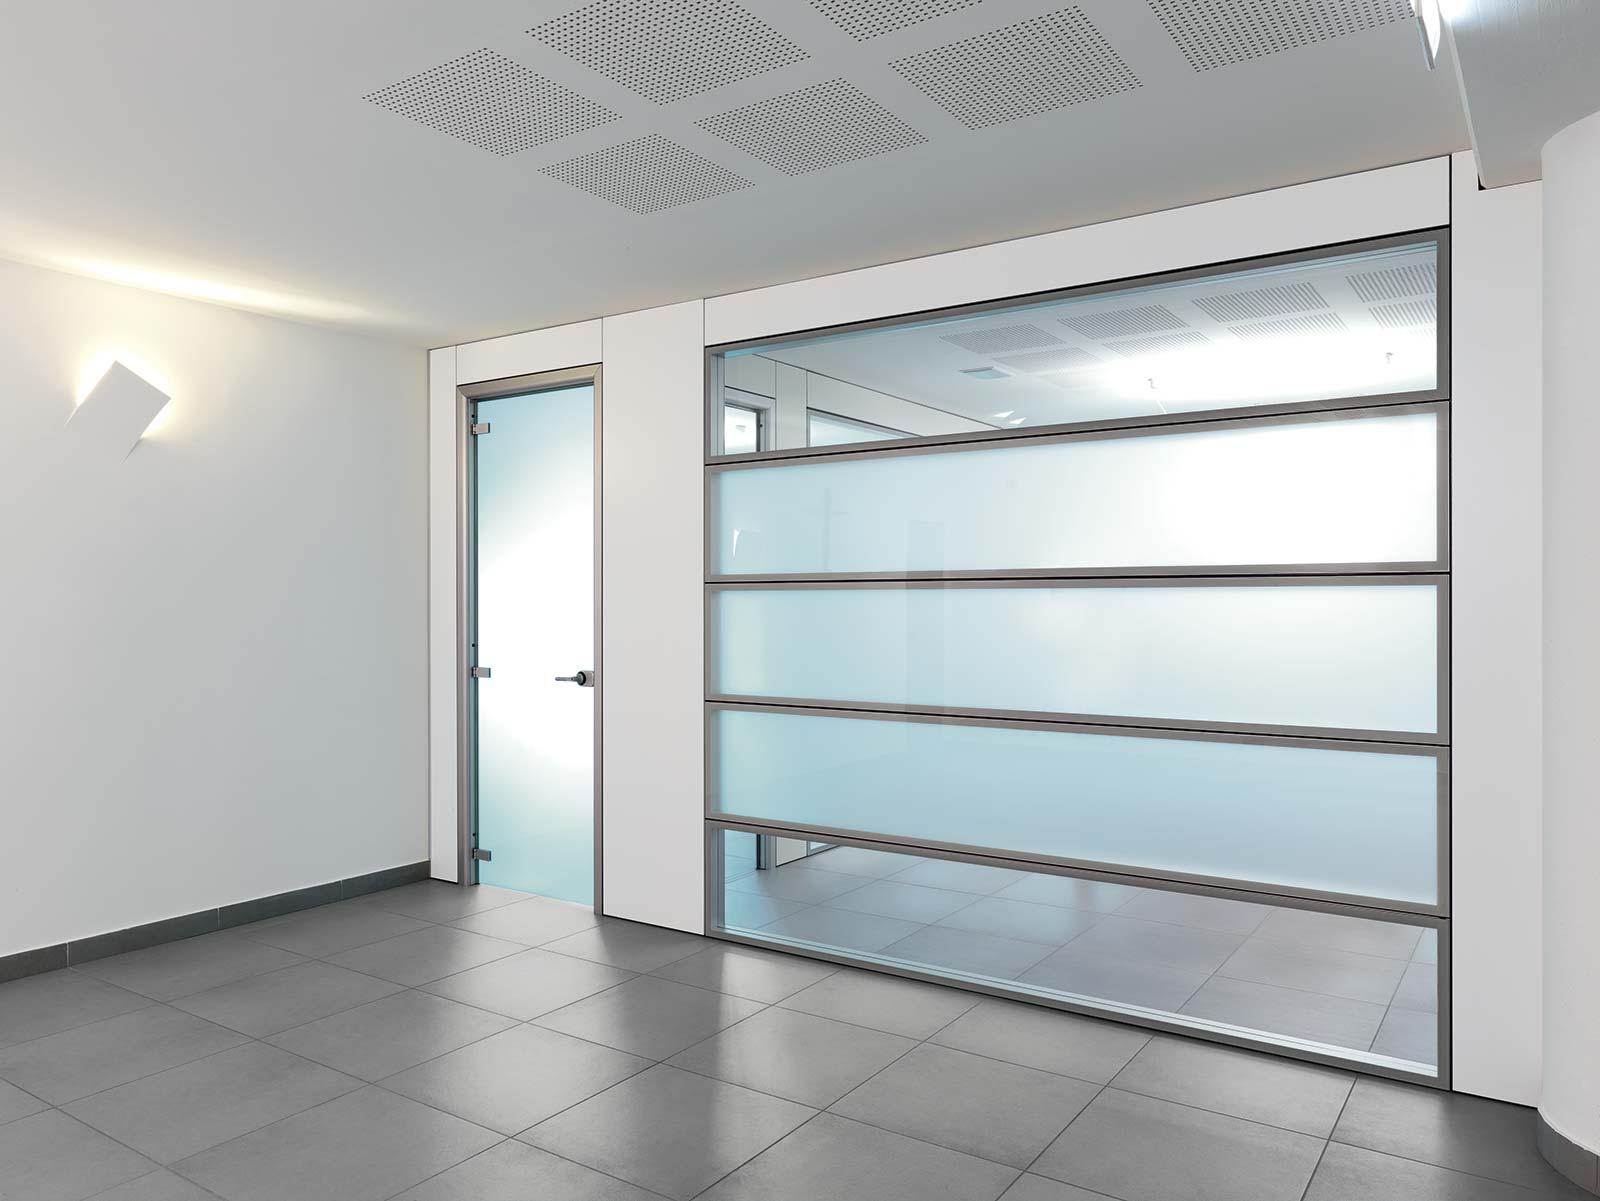 pareti-da-ufficio-linea_minimal-clas-11.